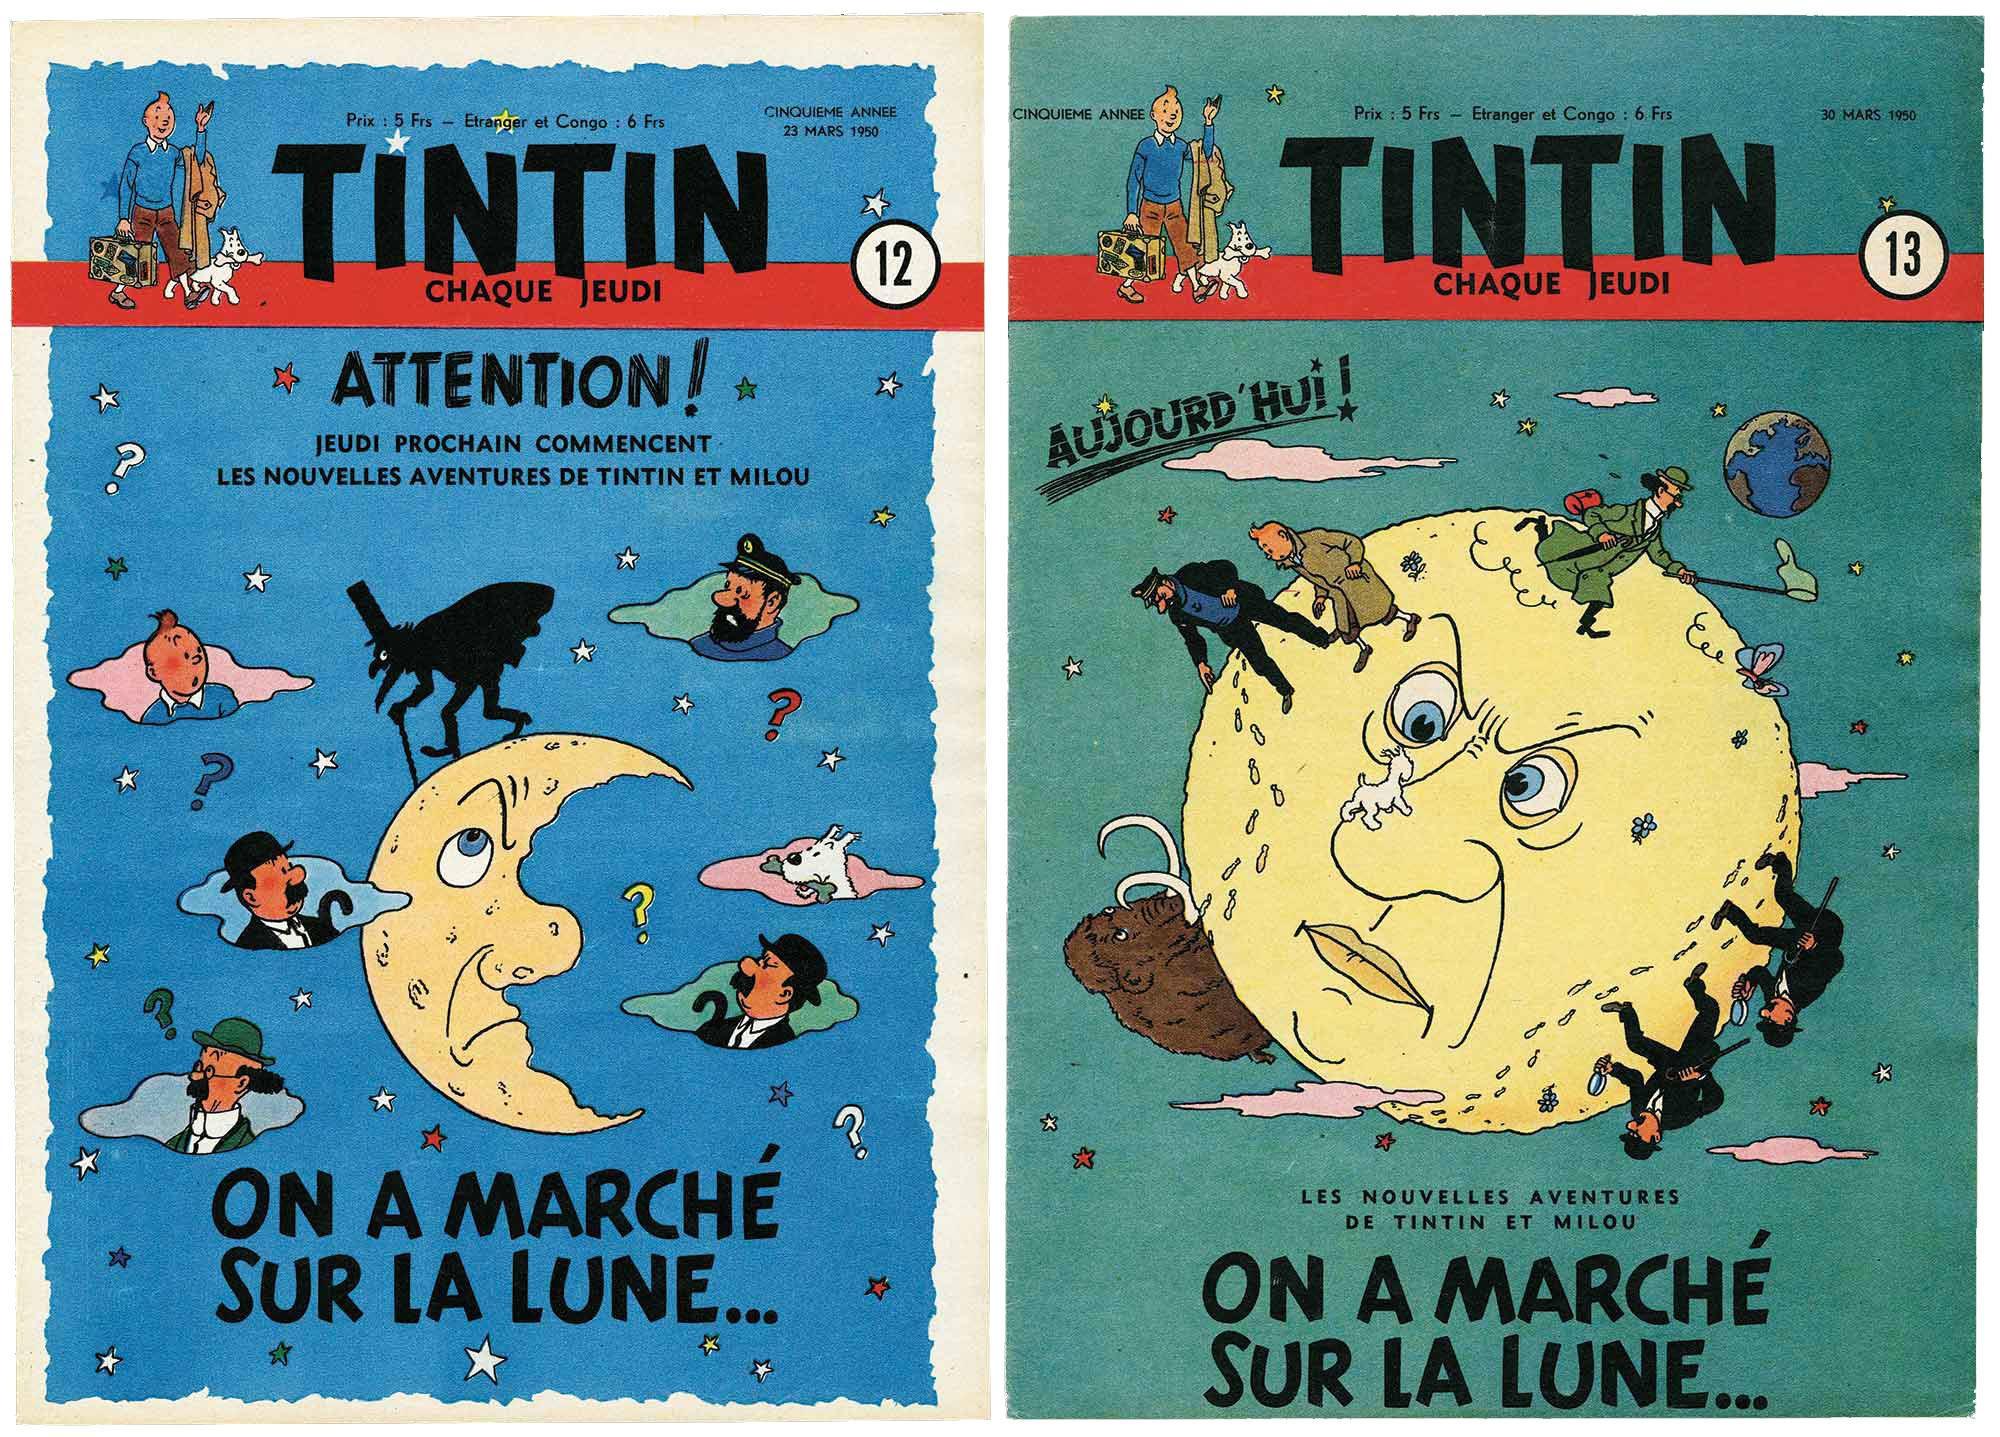 Couverture du Journal Tintin pour On a marché sur la Lune